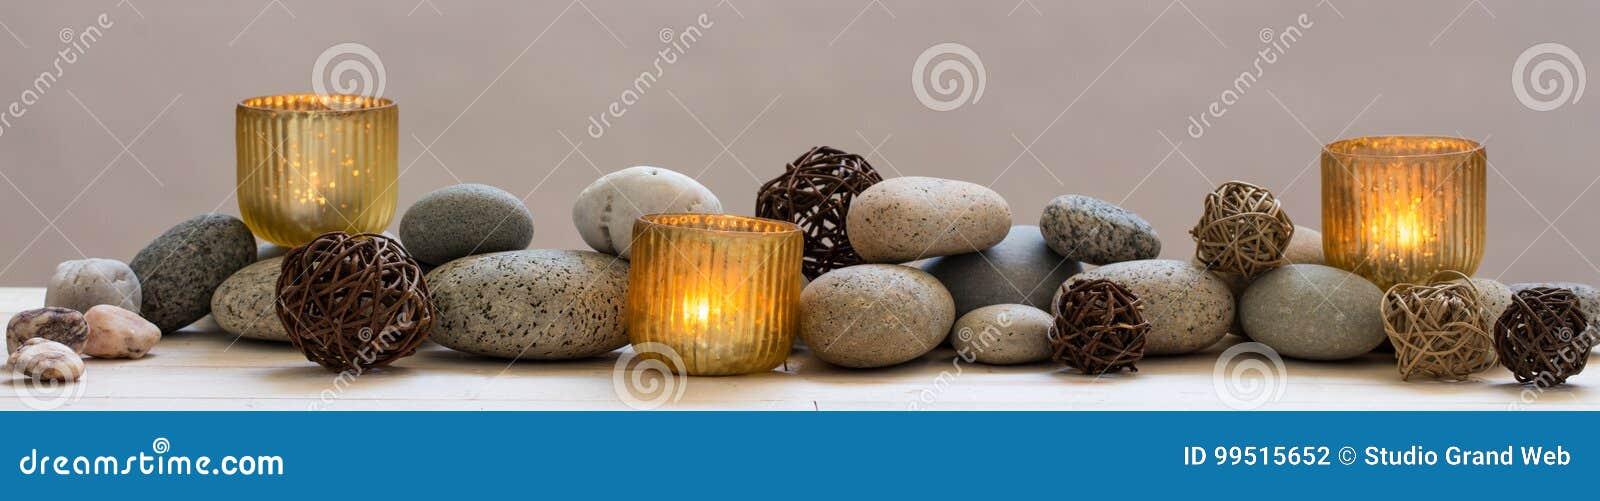 Begrepp av skönhet, fred, andlighet, mindfulness eller alternativ medicin